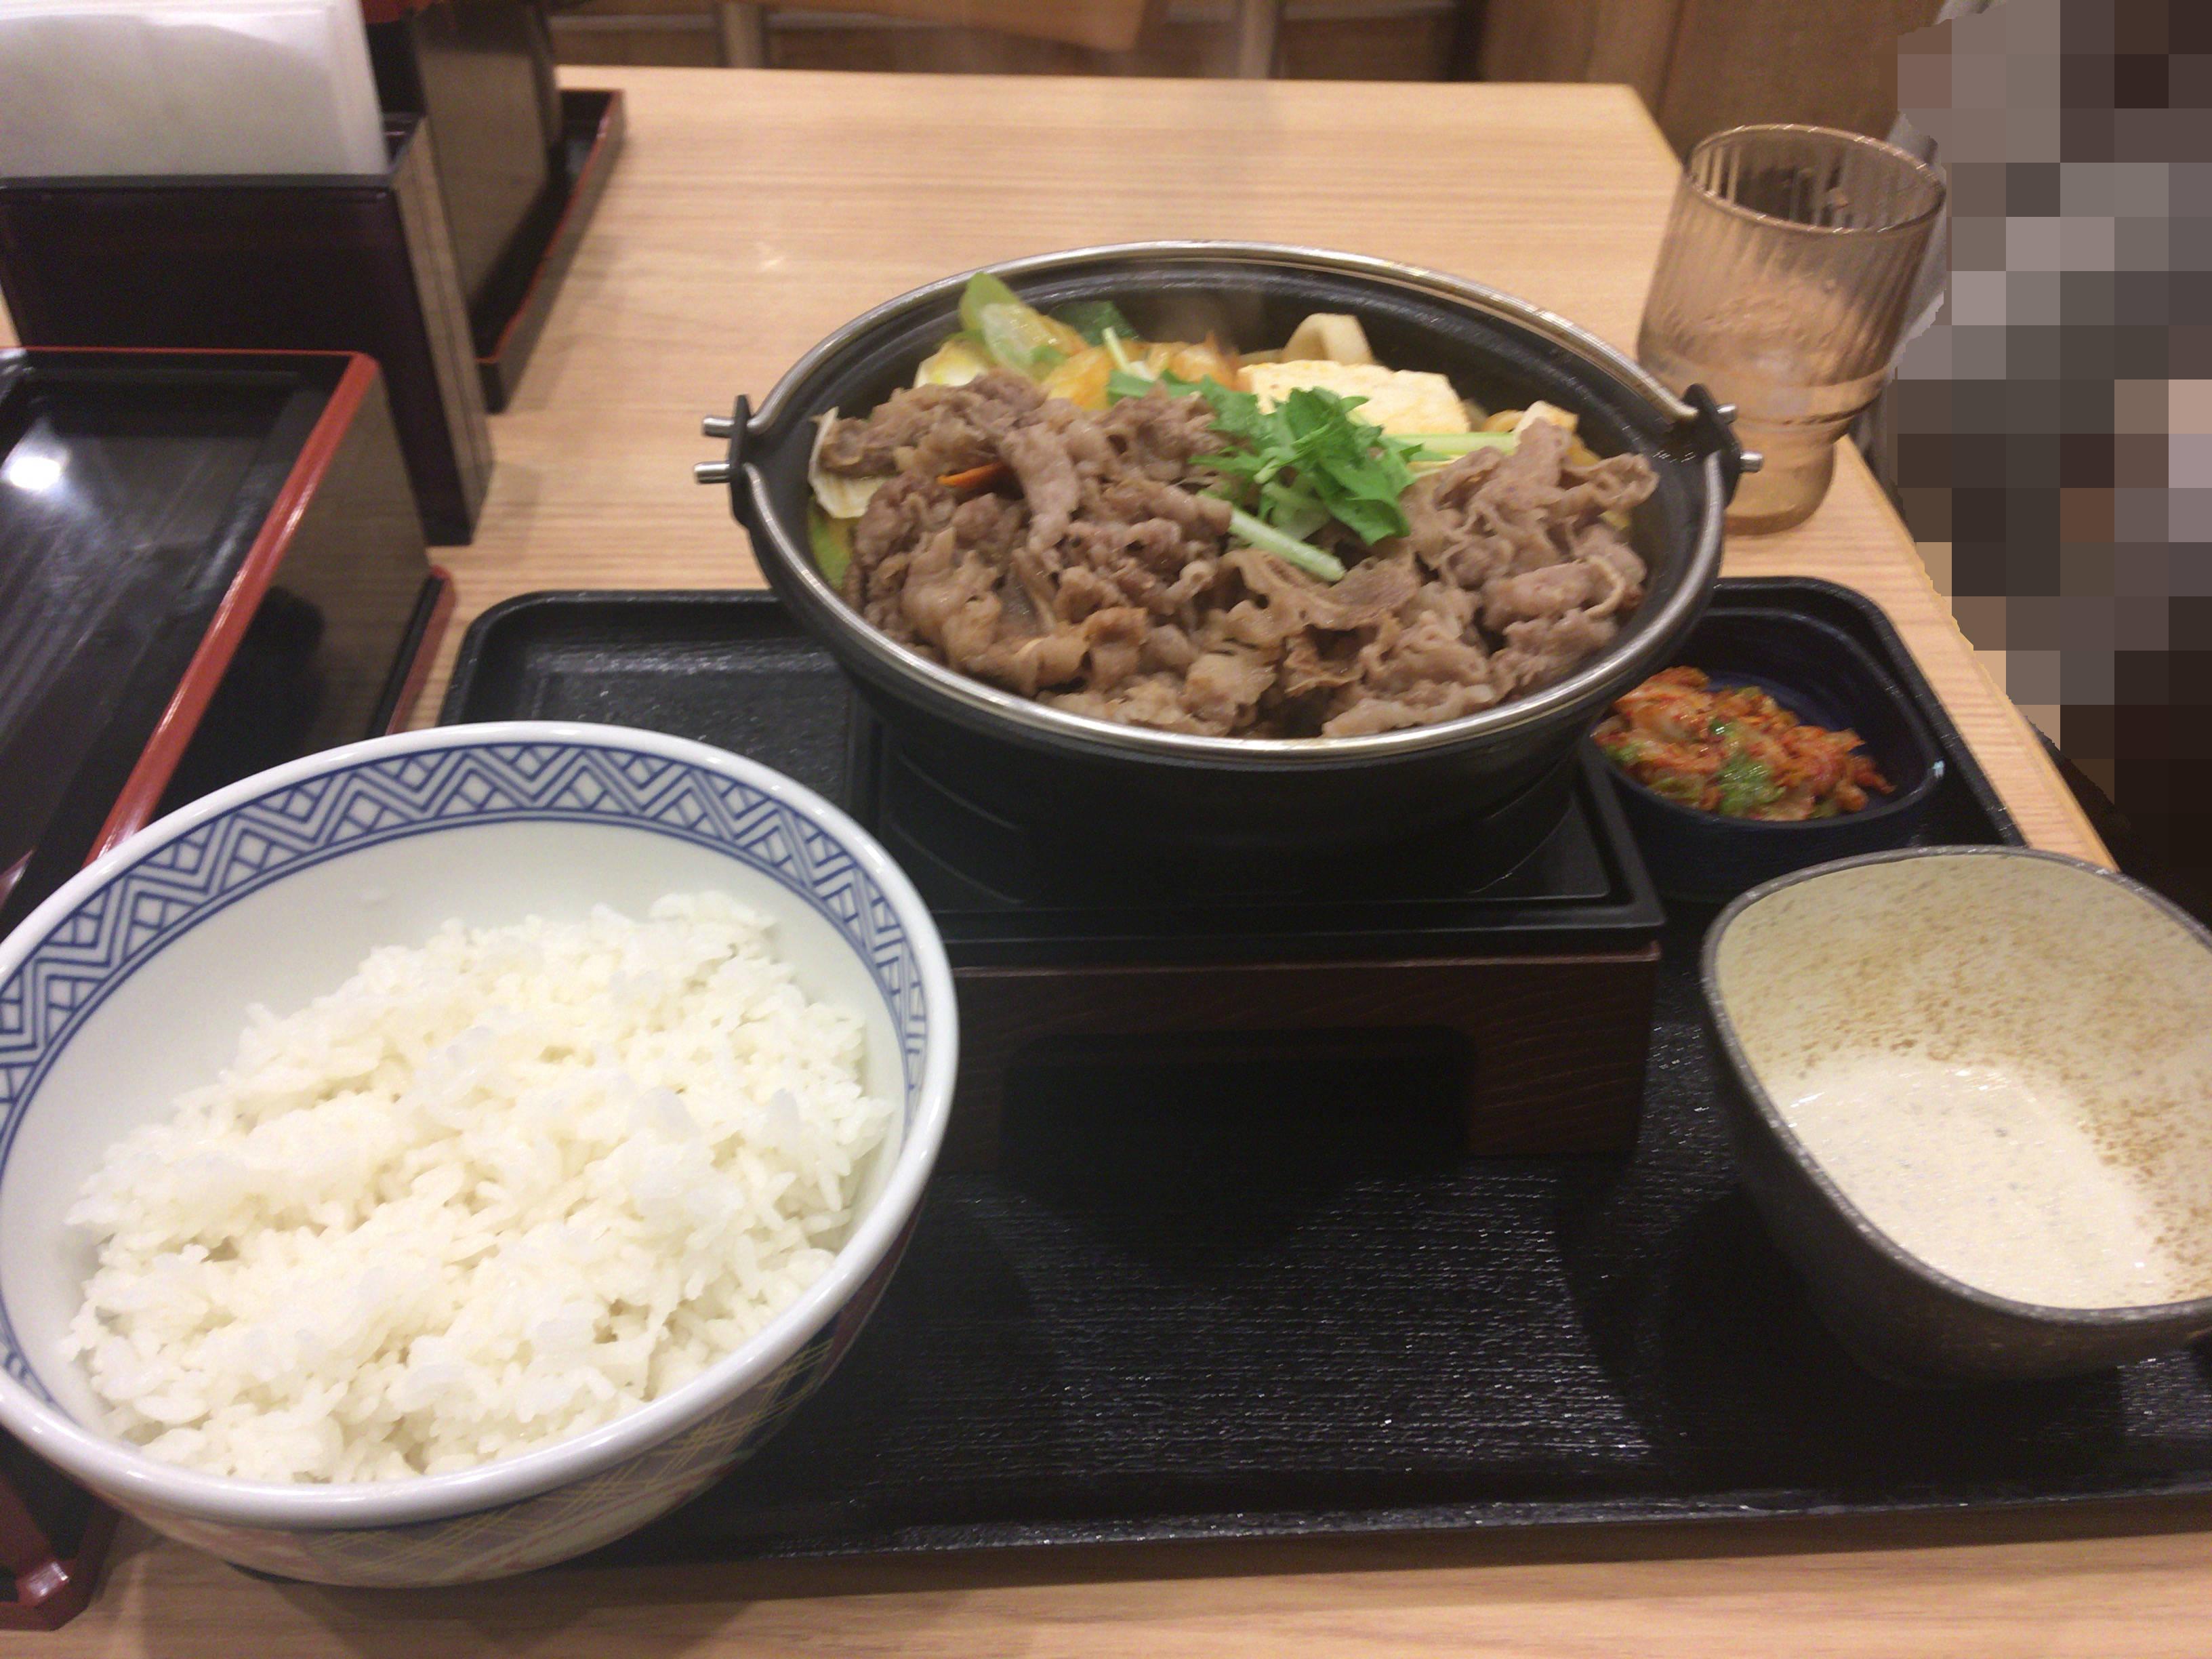 吉野家の牛チゲ鍋膳セット並盛 690円食べてみた。